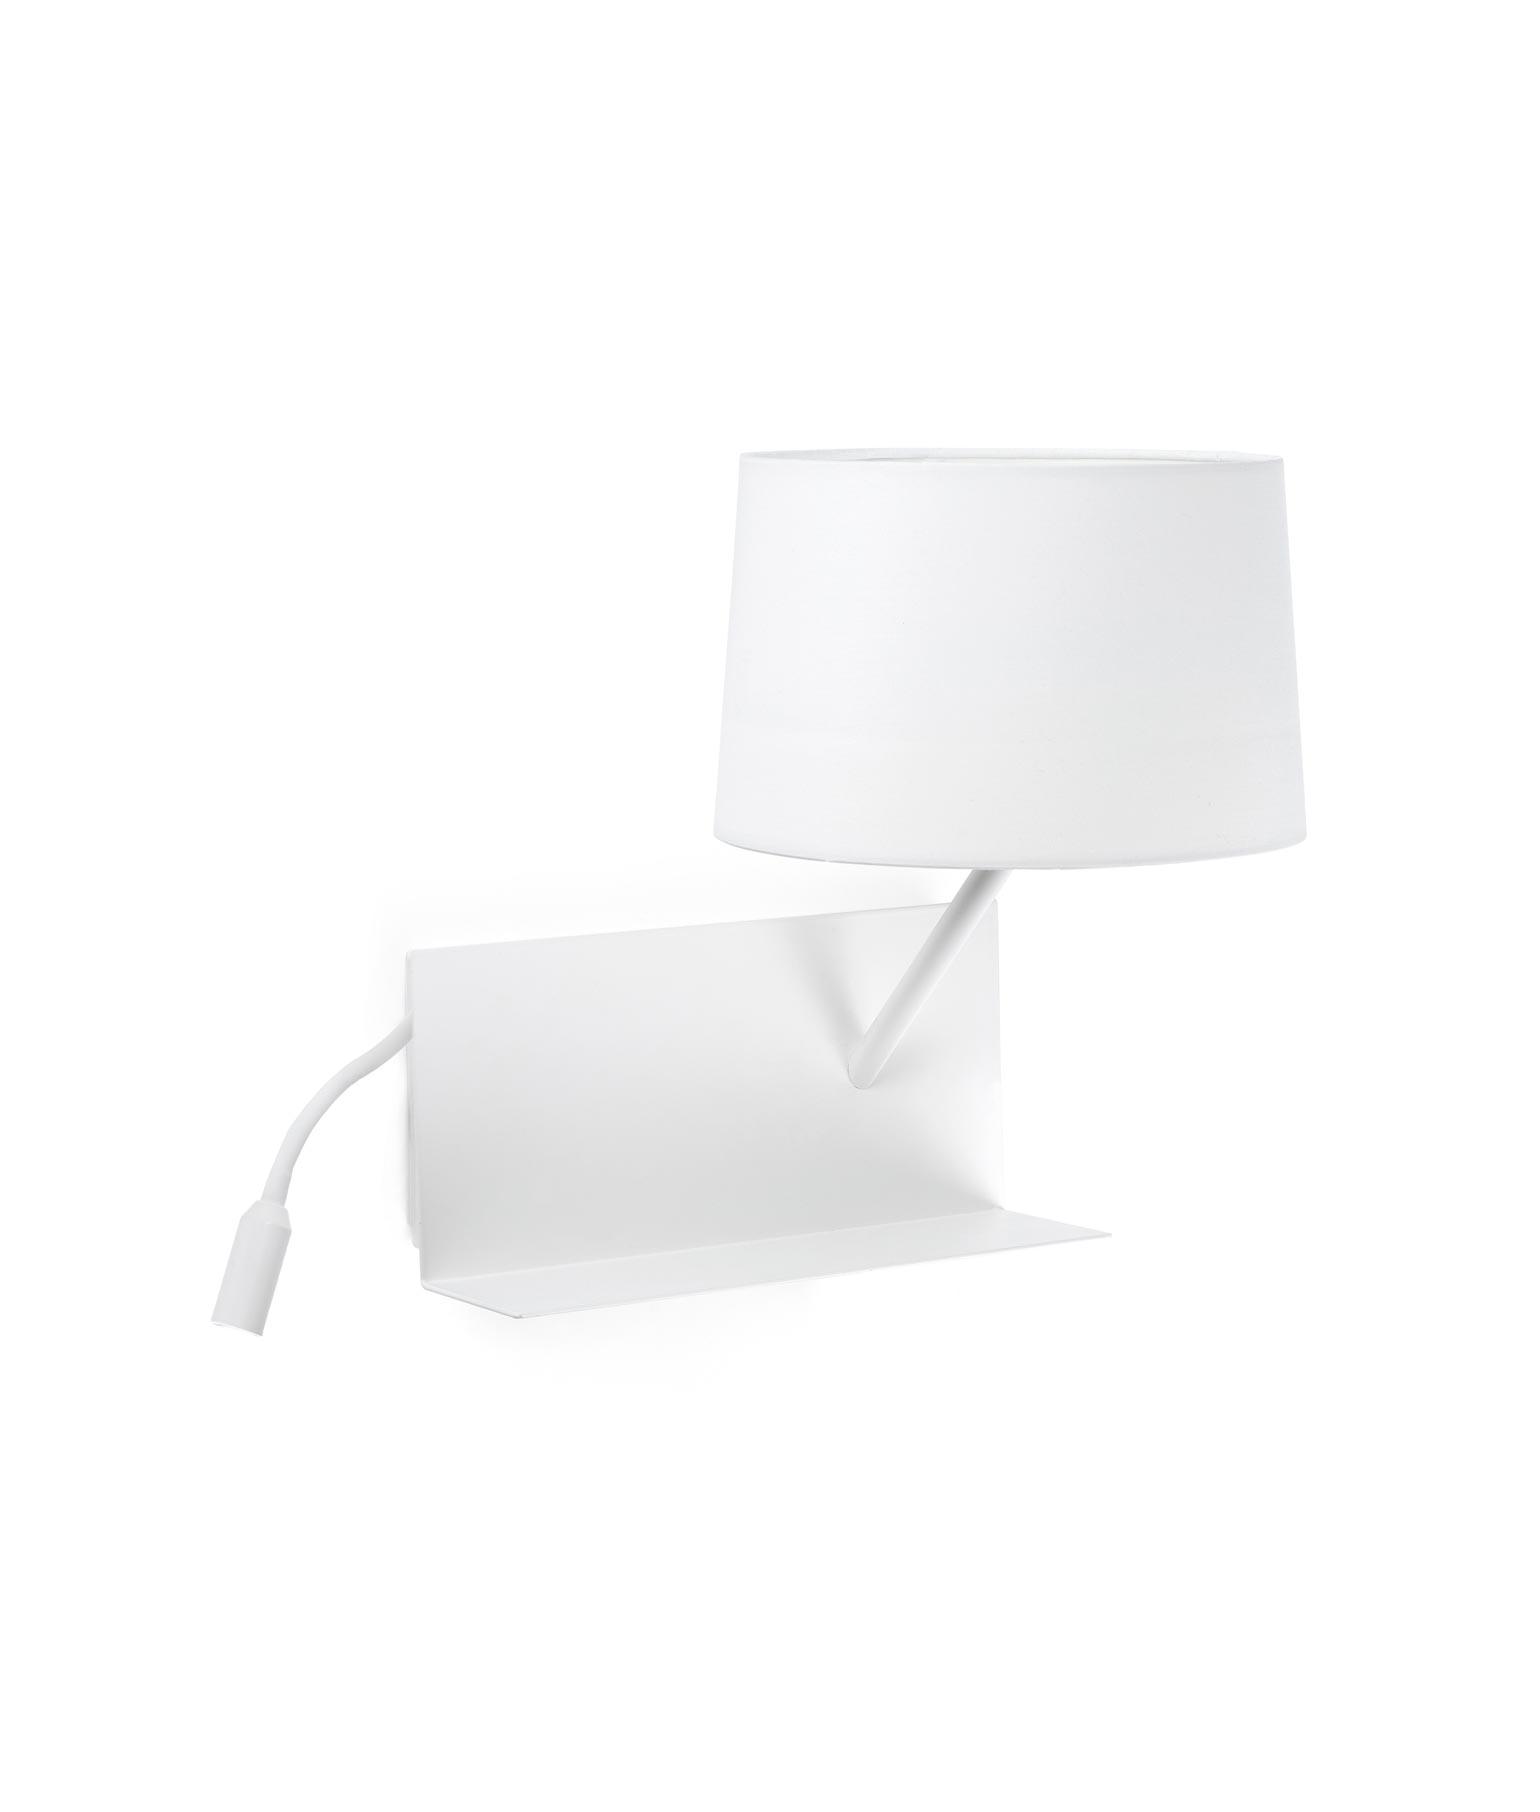 Lámpara aplique con lector LED derecha HANDY blanca